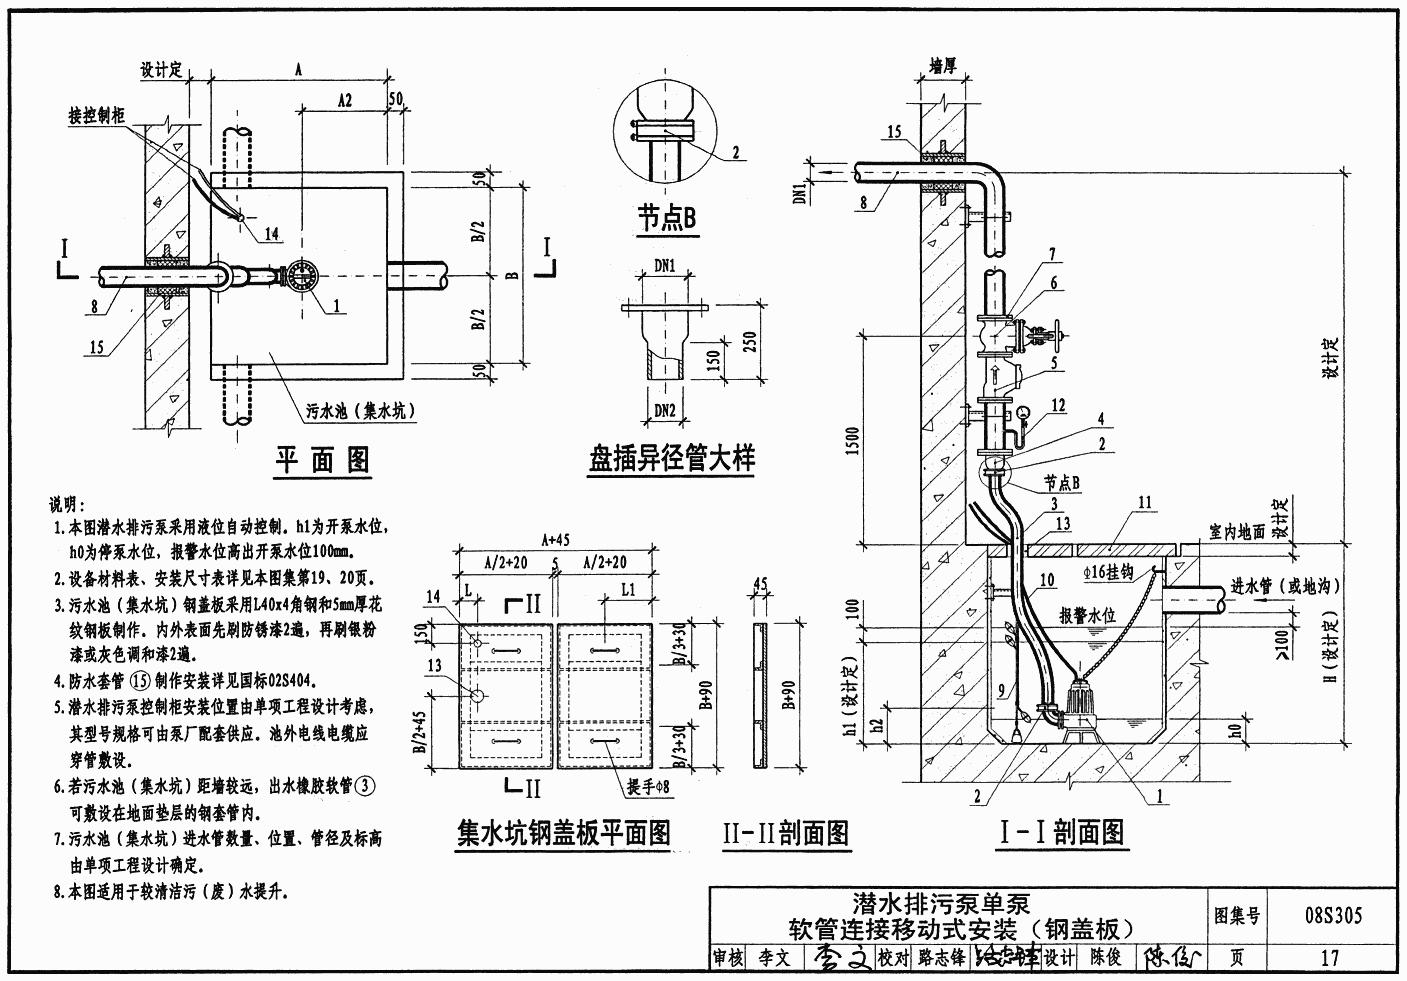 小型潜水排污泵选用及安装;  潜水排污泵控制要求及外部接线图